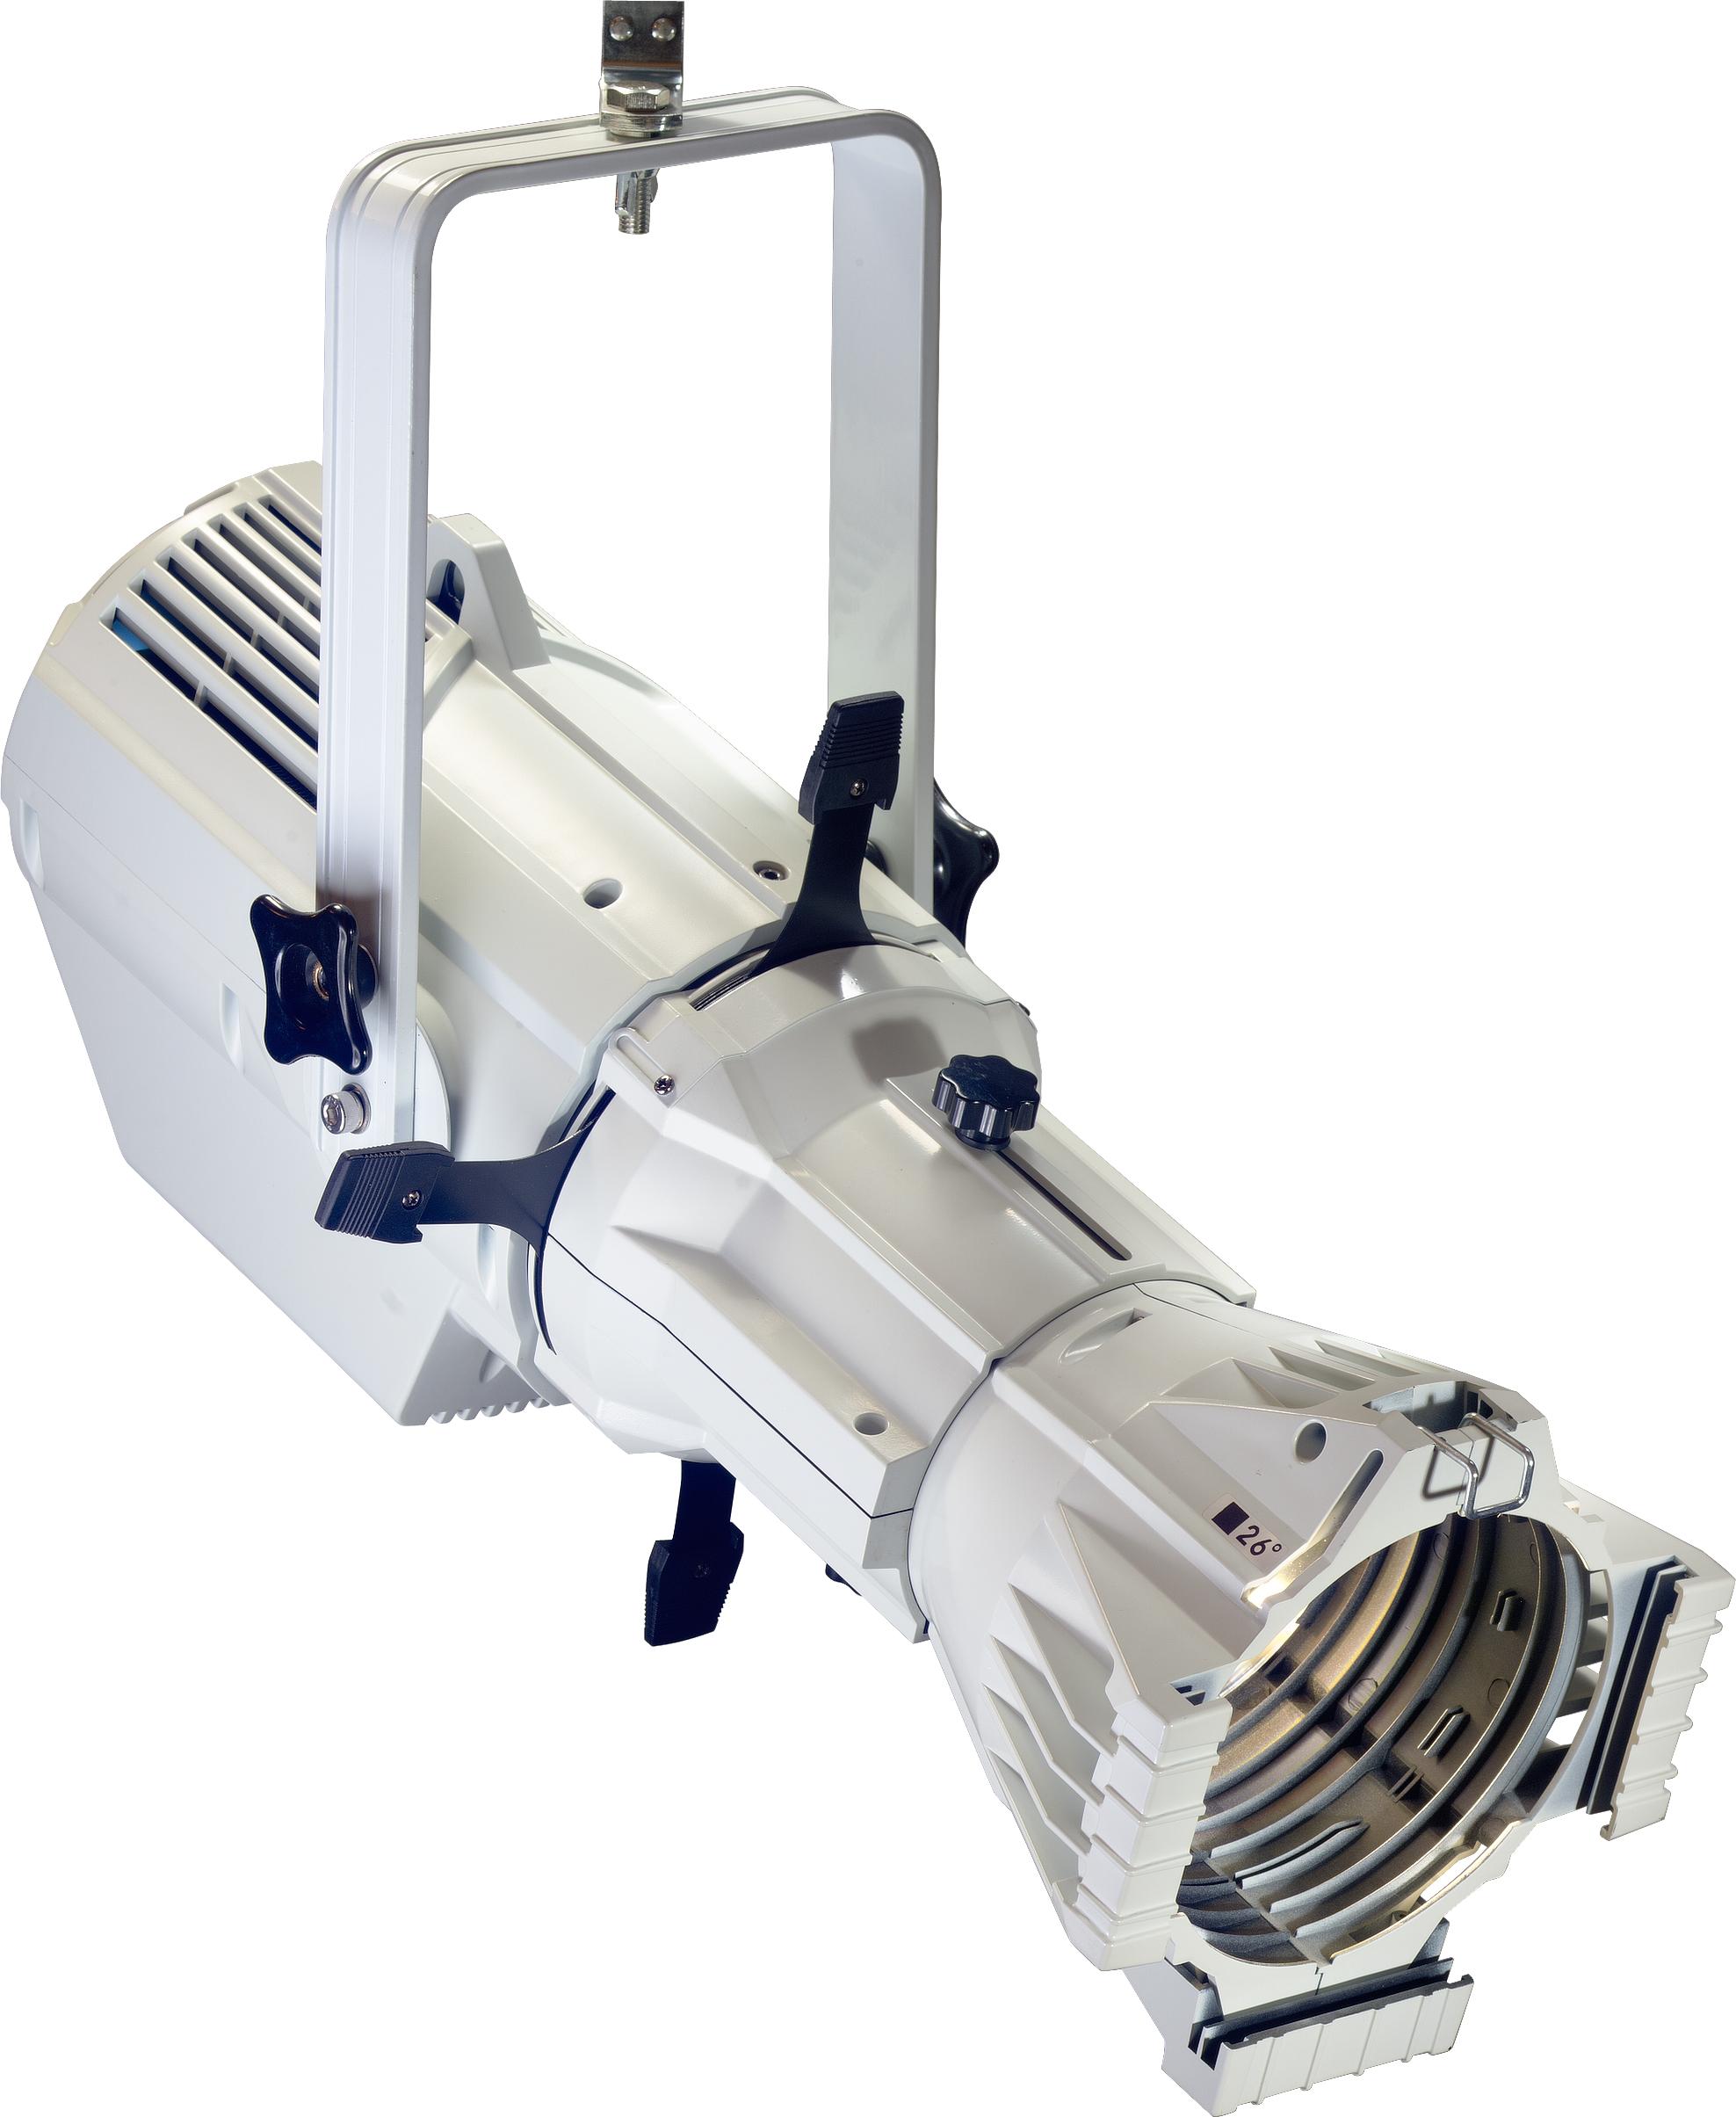 Stagg SLP200 profilový reflektor, 1x200W COB 3200K DMX bílý